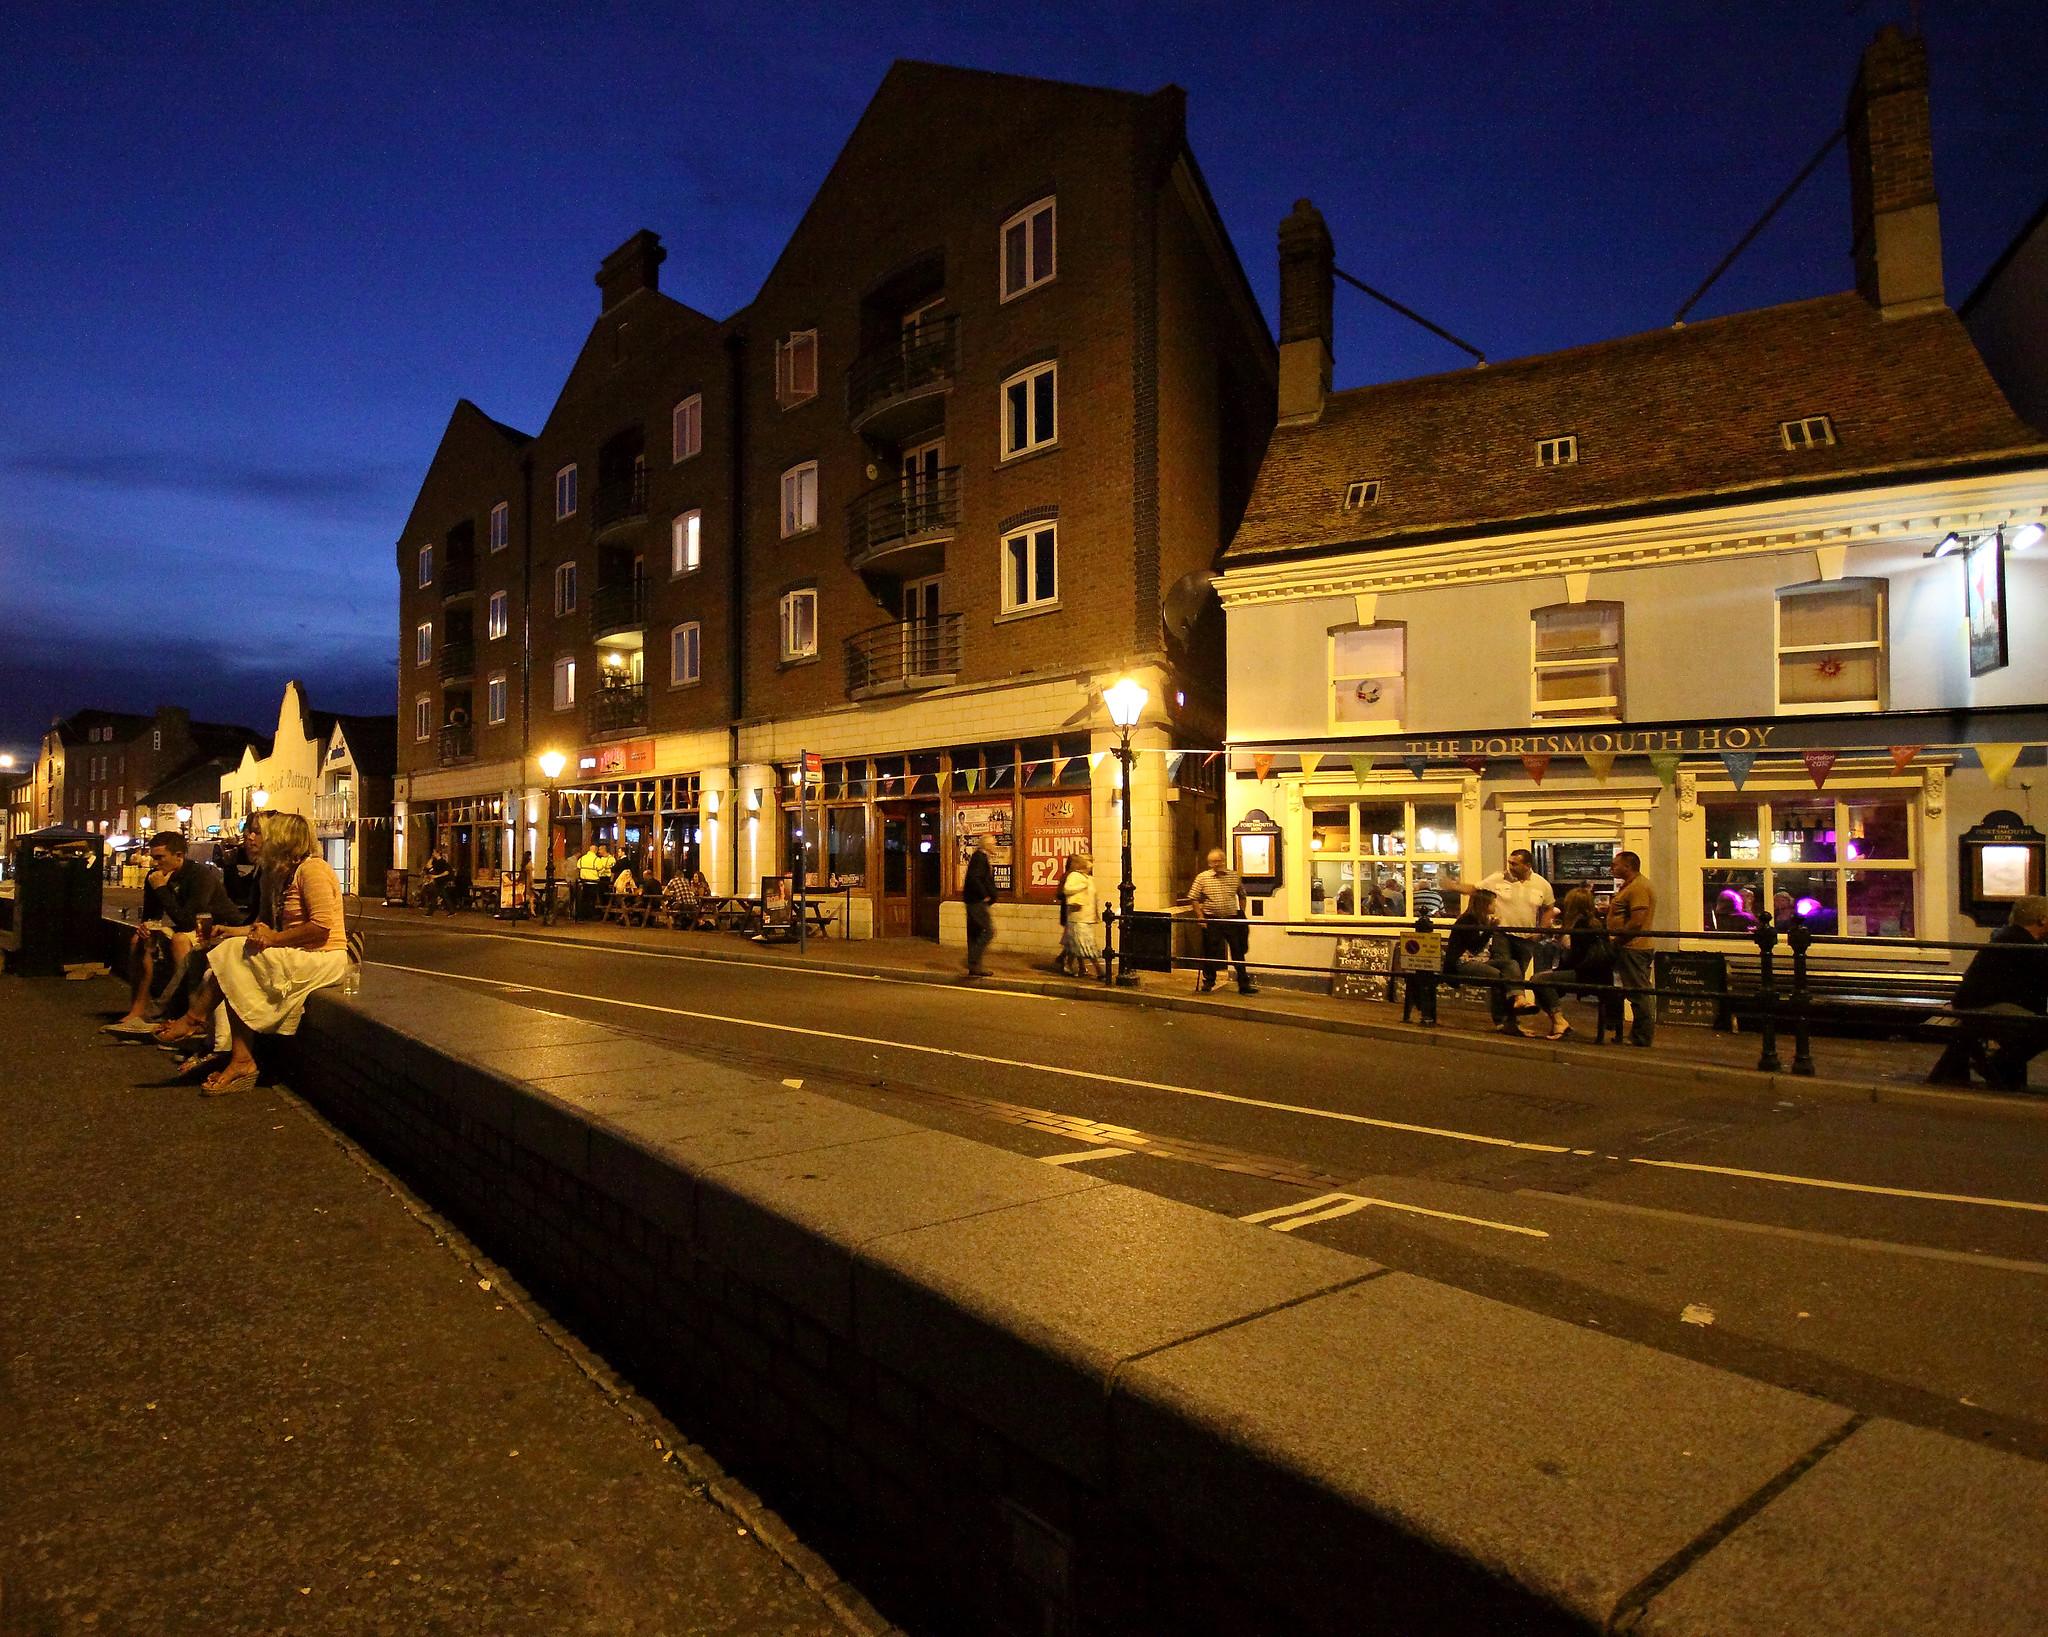 Lei Gjestehus i Dorset, England fra 178 kr NOK/natt.